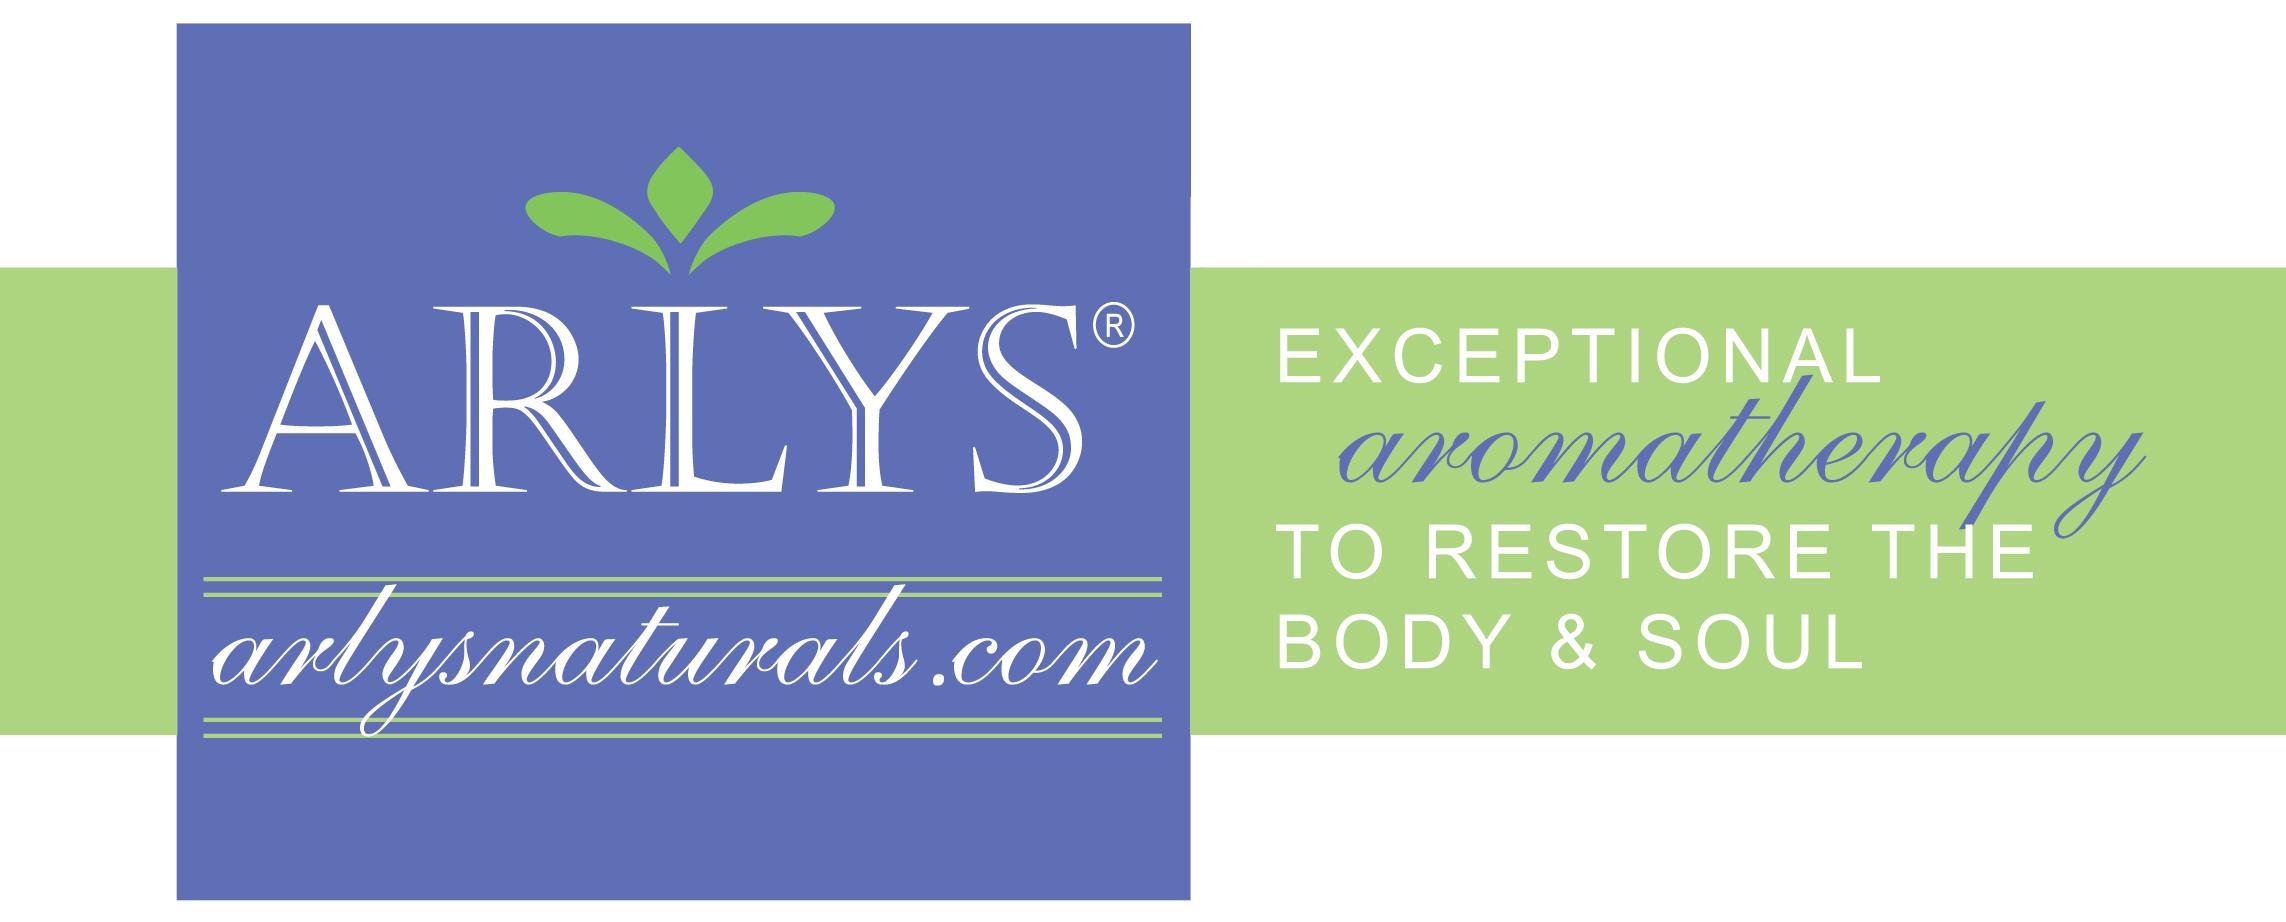 ArlysNaturals.com - Premium Listing